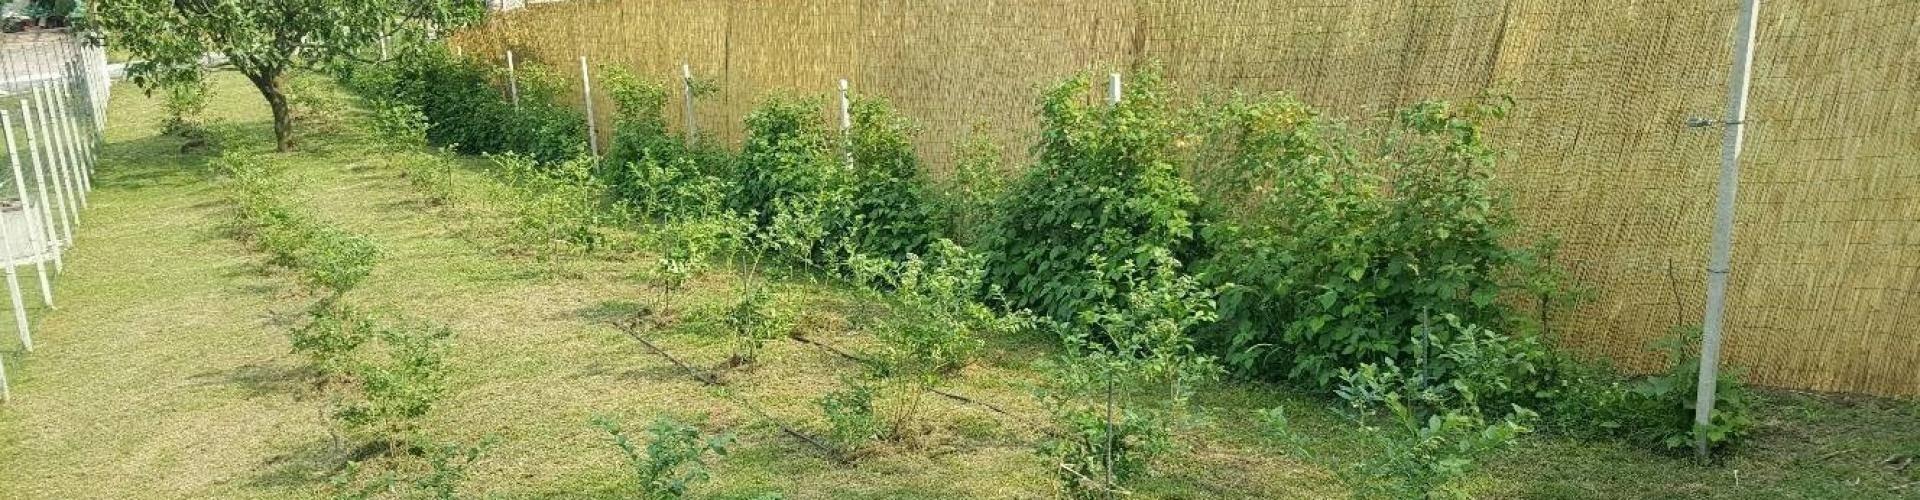 Agro-Fit - Coltivazione